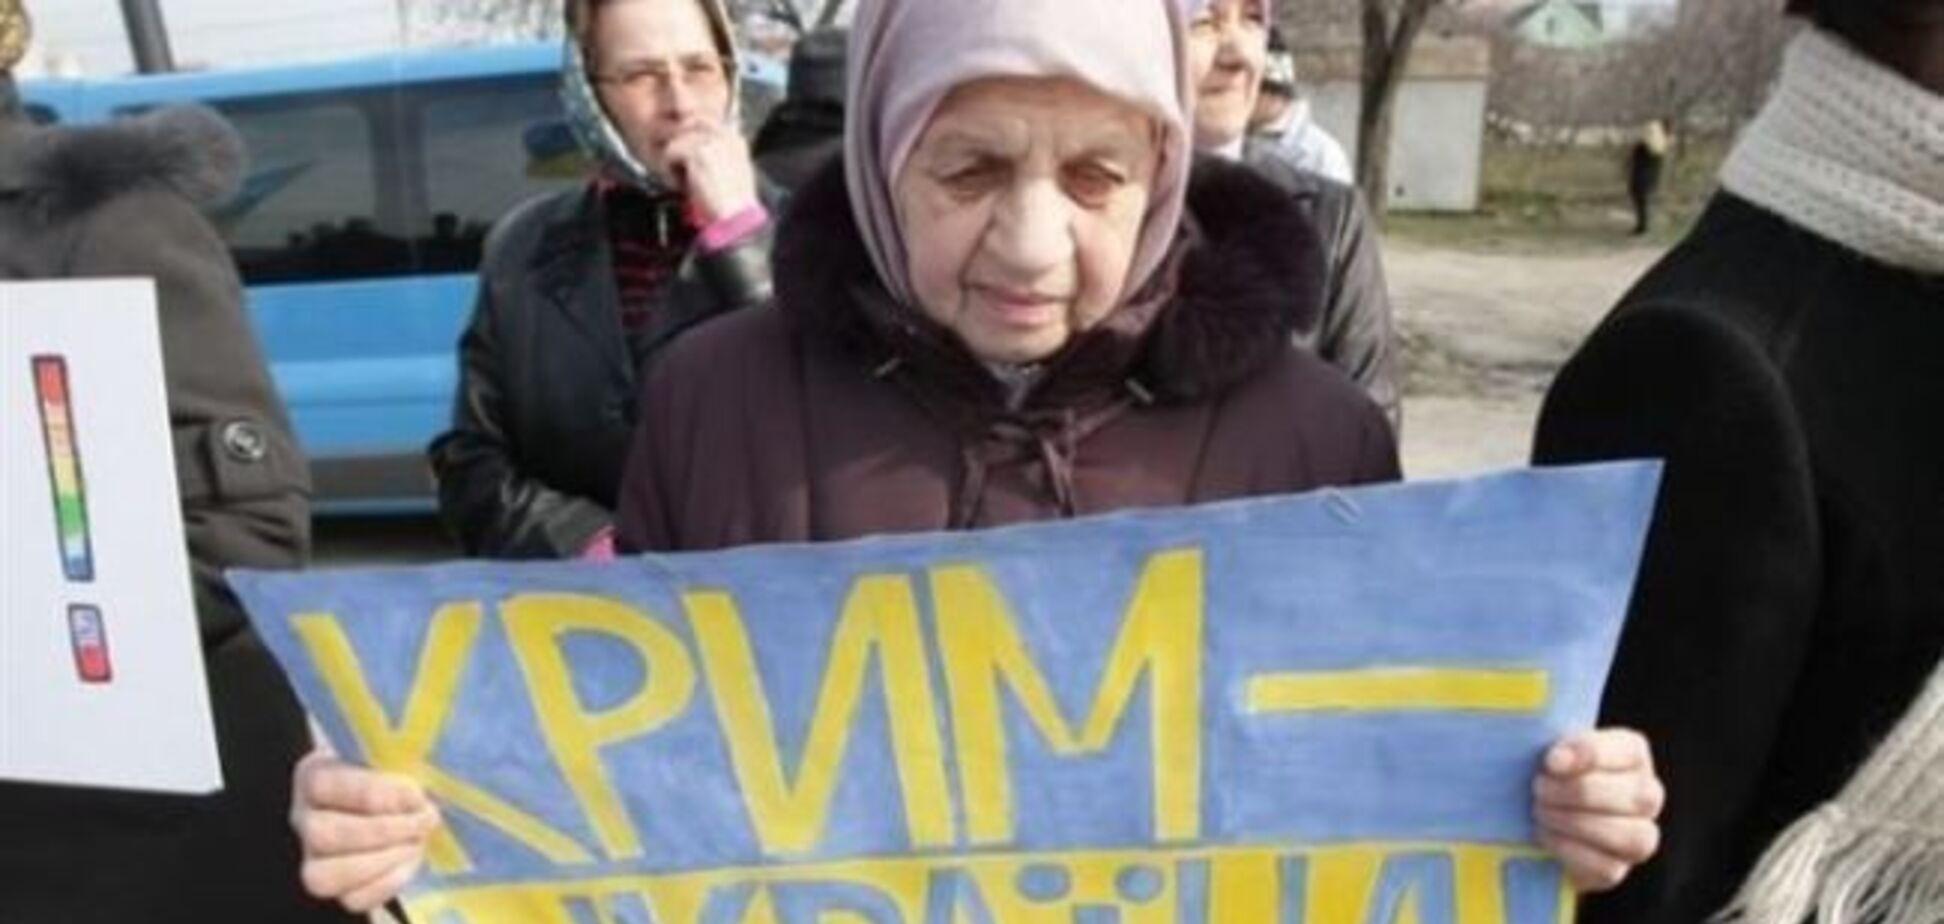 Плачуть про Україну: фанат Путіна визнав провал Росії в Криму